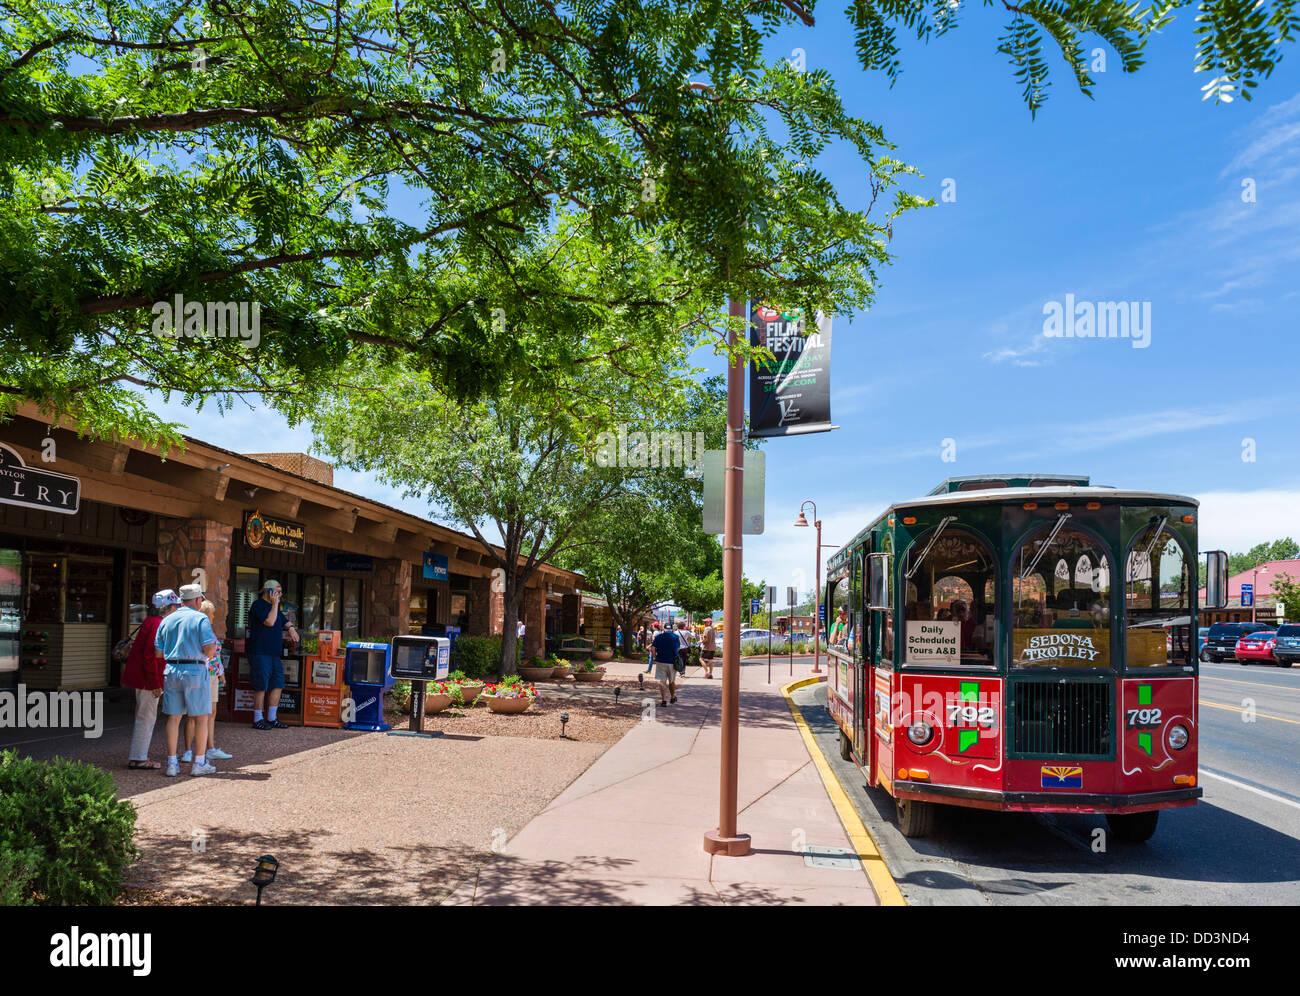 City Arts And Crafts Center Sedona Arizona